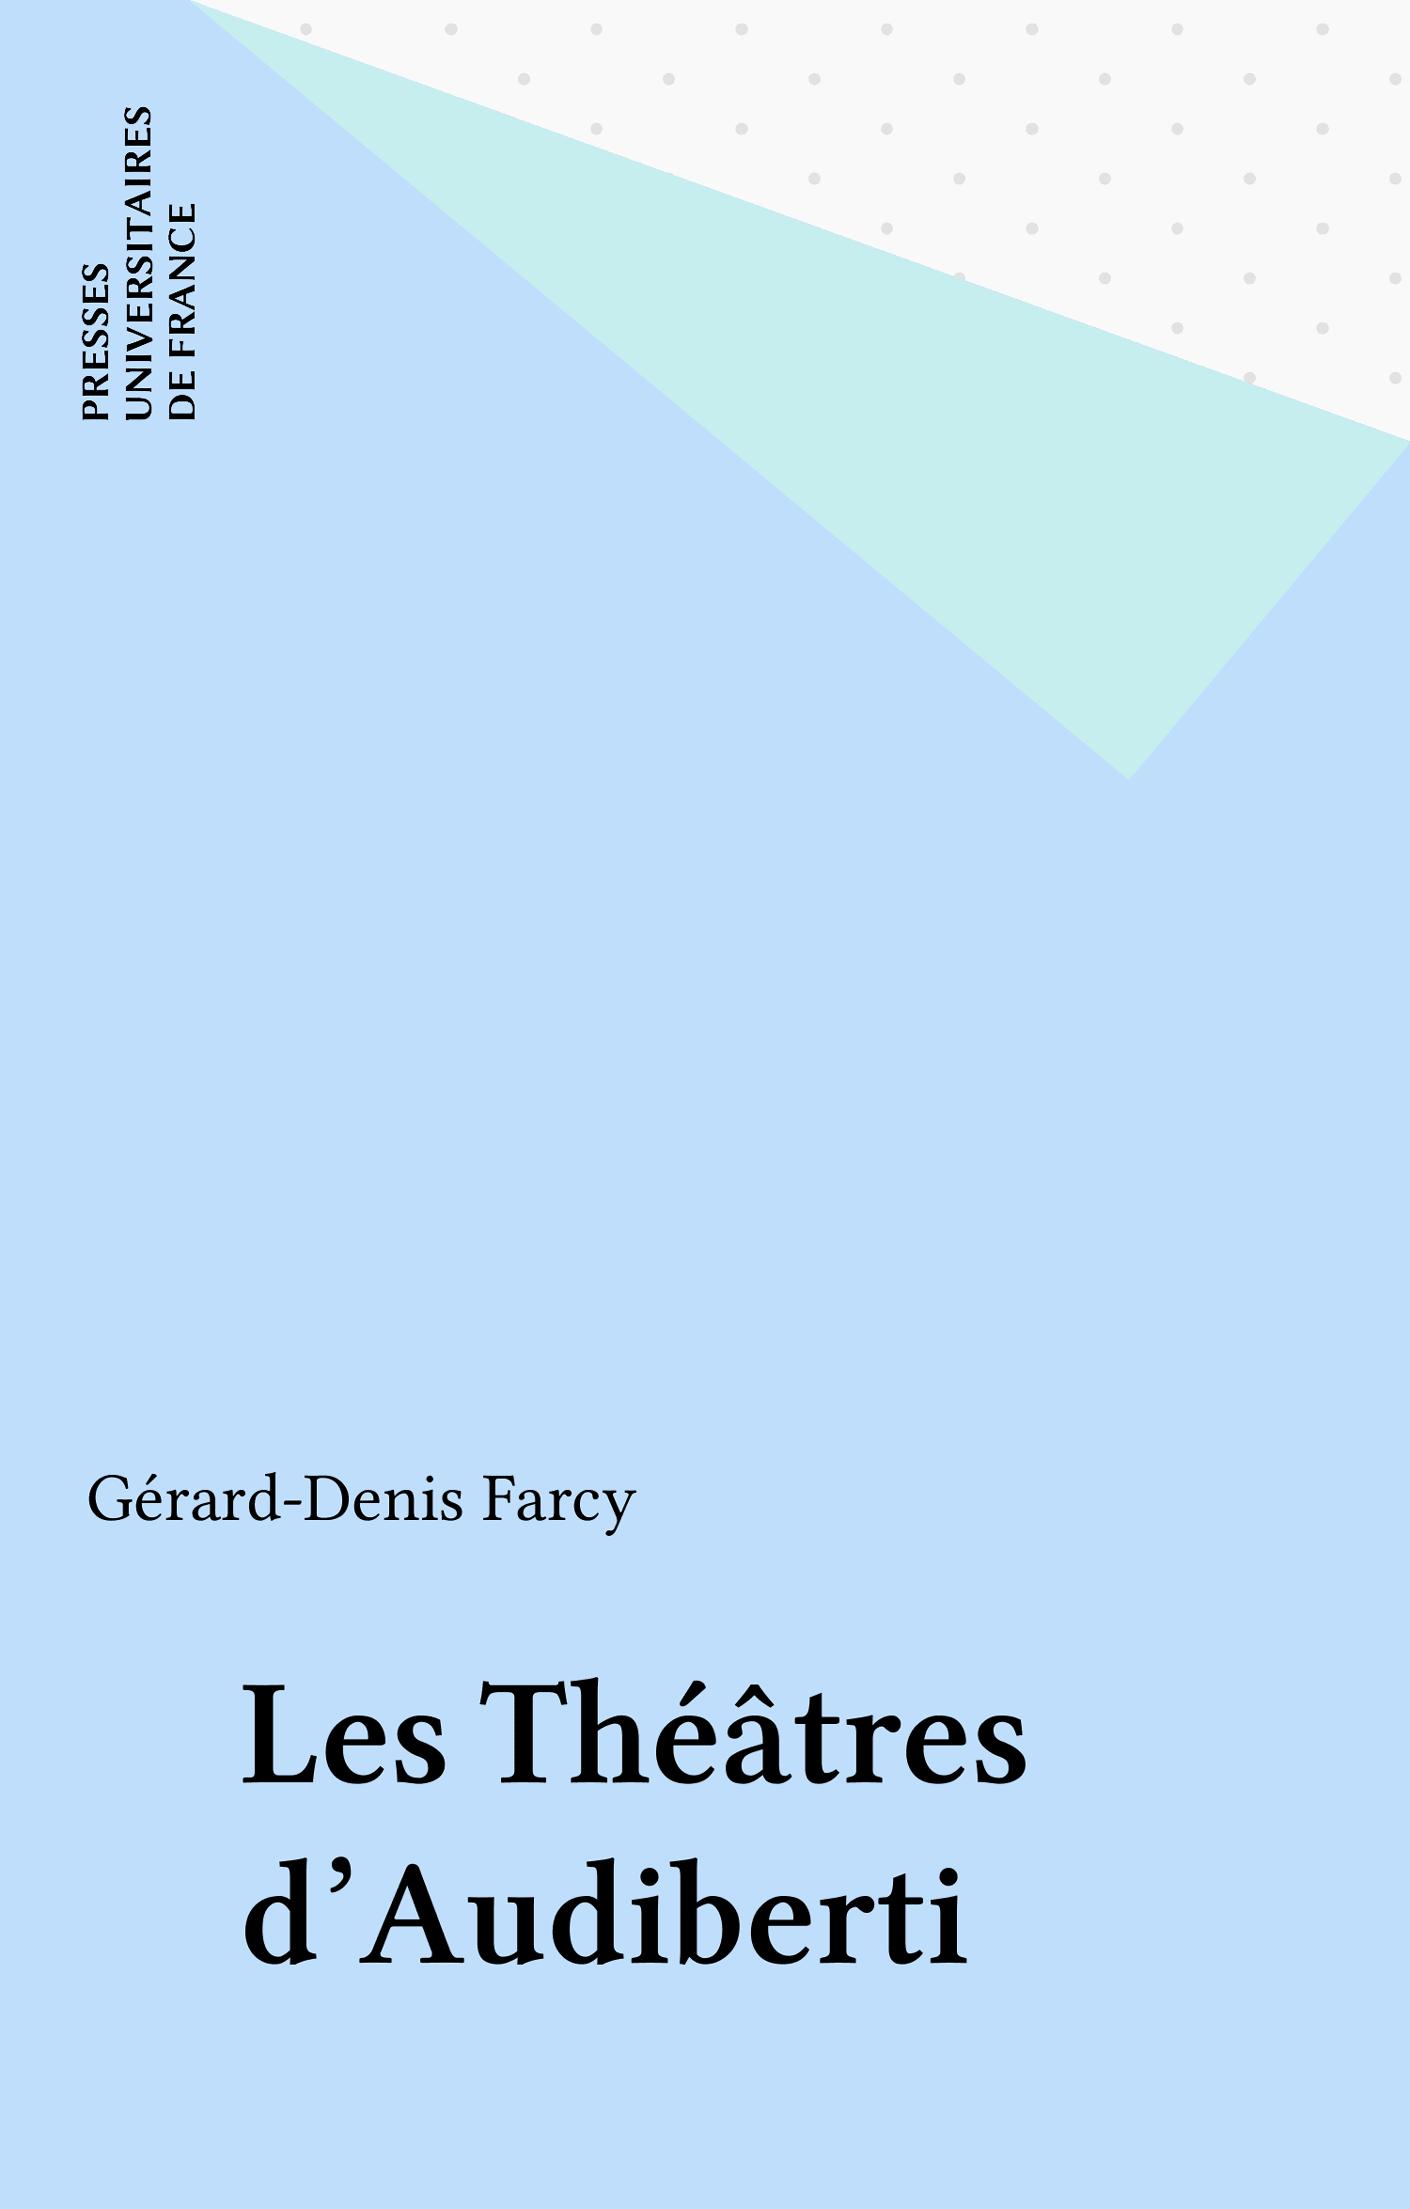 Les Théâtres d'Audiberti